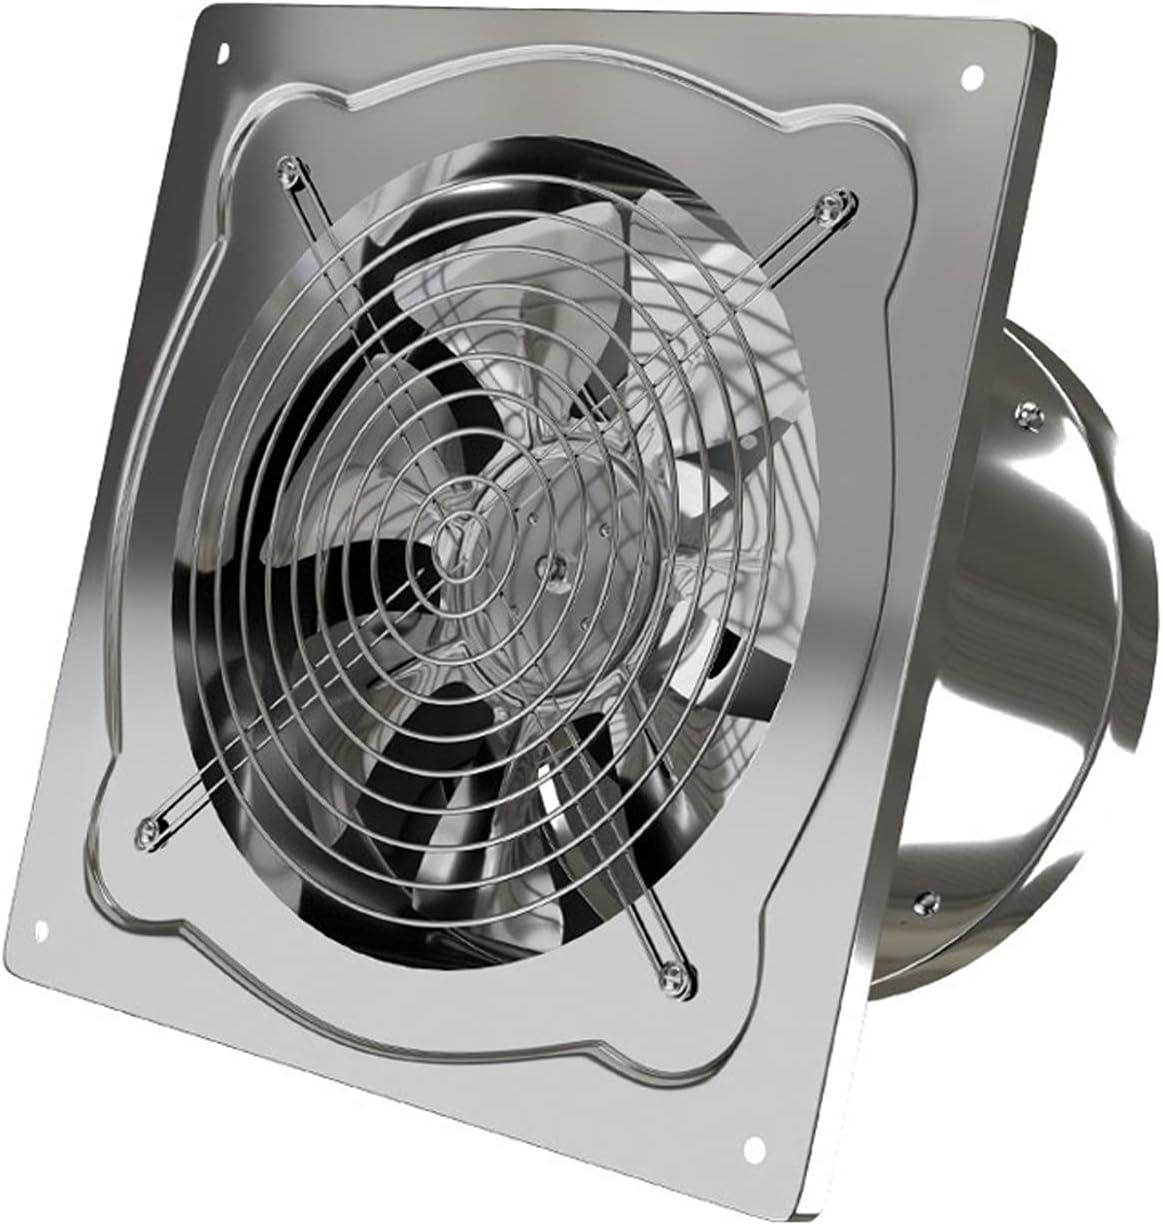 Ventilador de ventilación de pared de acero inoxidable con cubierta de malla y válvula de retención Ventilador de escape de humo de cocina Ventilador de escape de 7 cuchillas, plata, escape fuerte